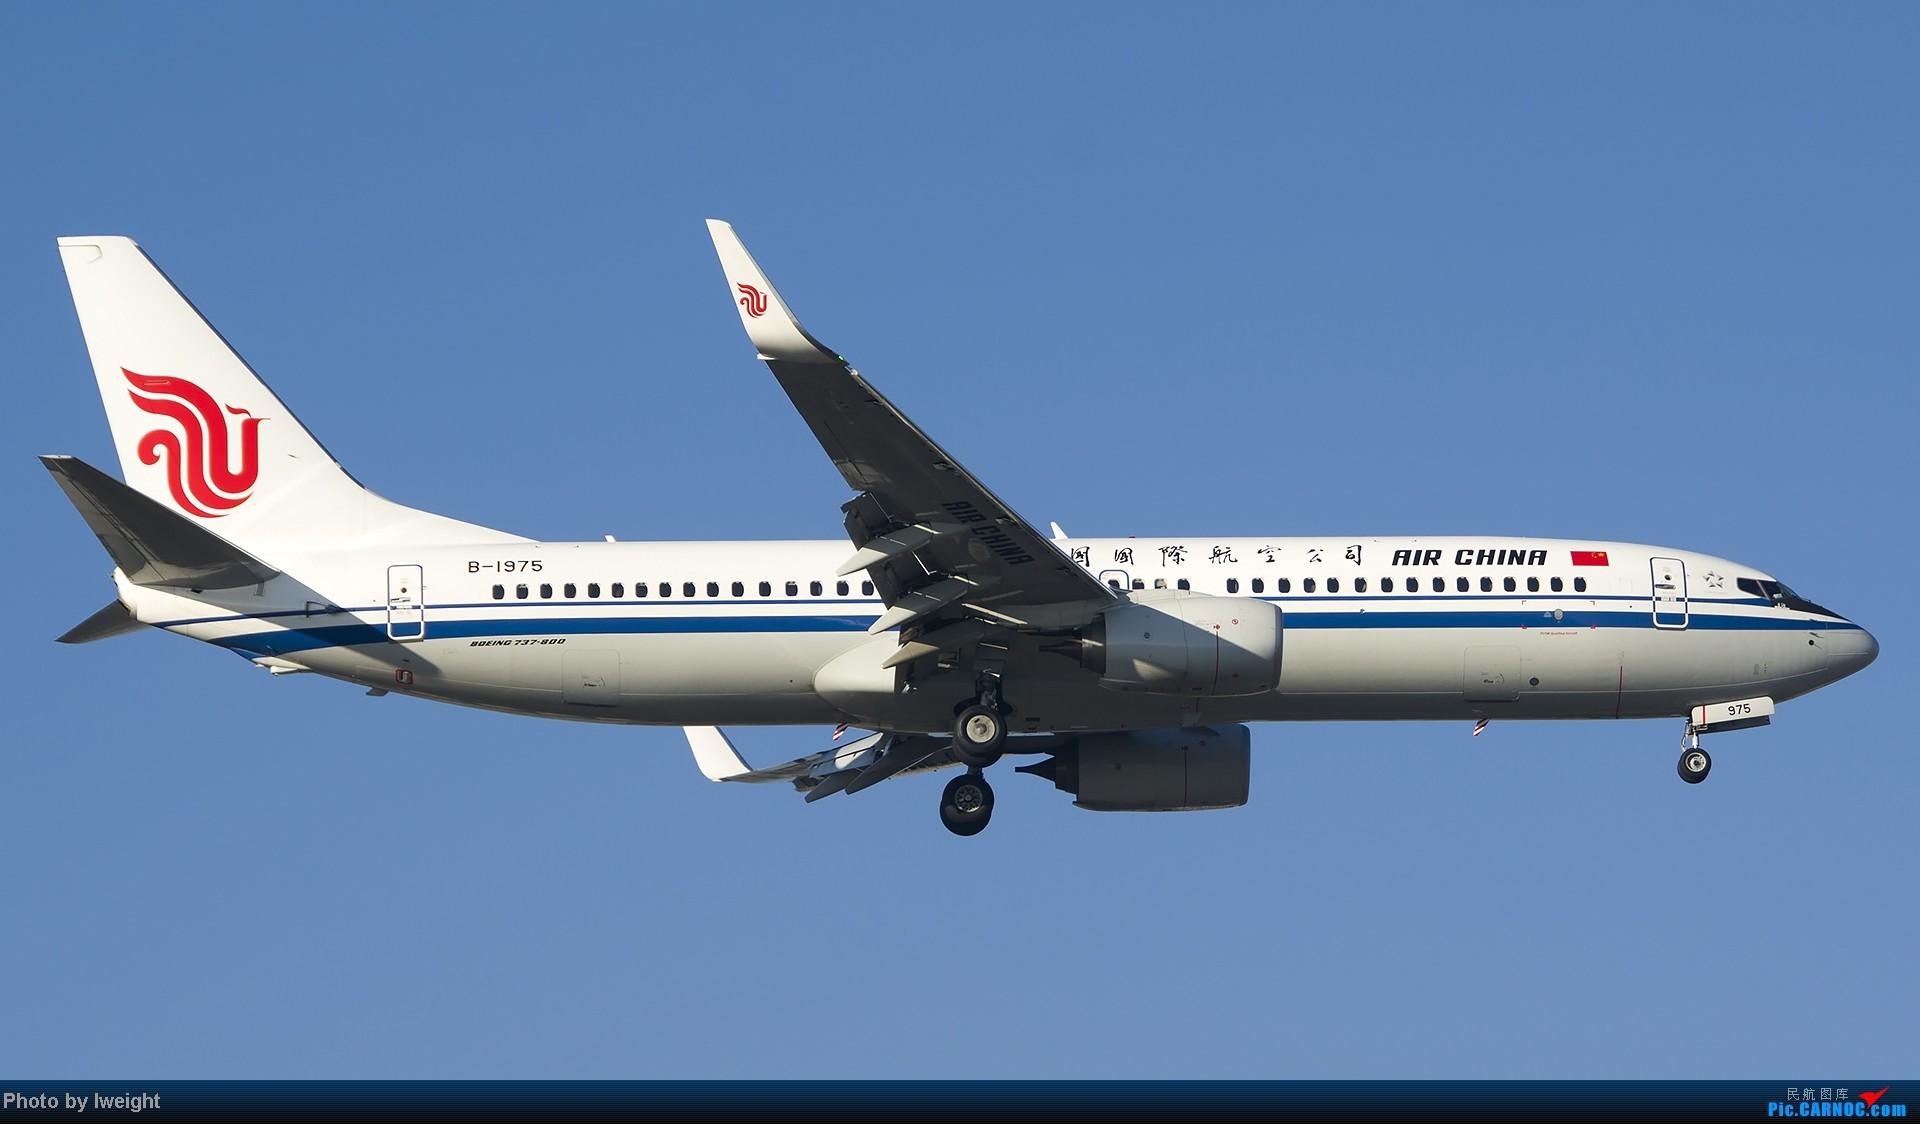 [原创]抓住APEC蓝的尾巴,再拍上一组 BOEING 737-800 B-1975 中国北京首都机场